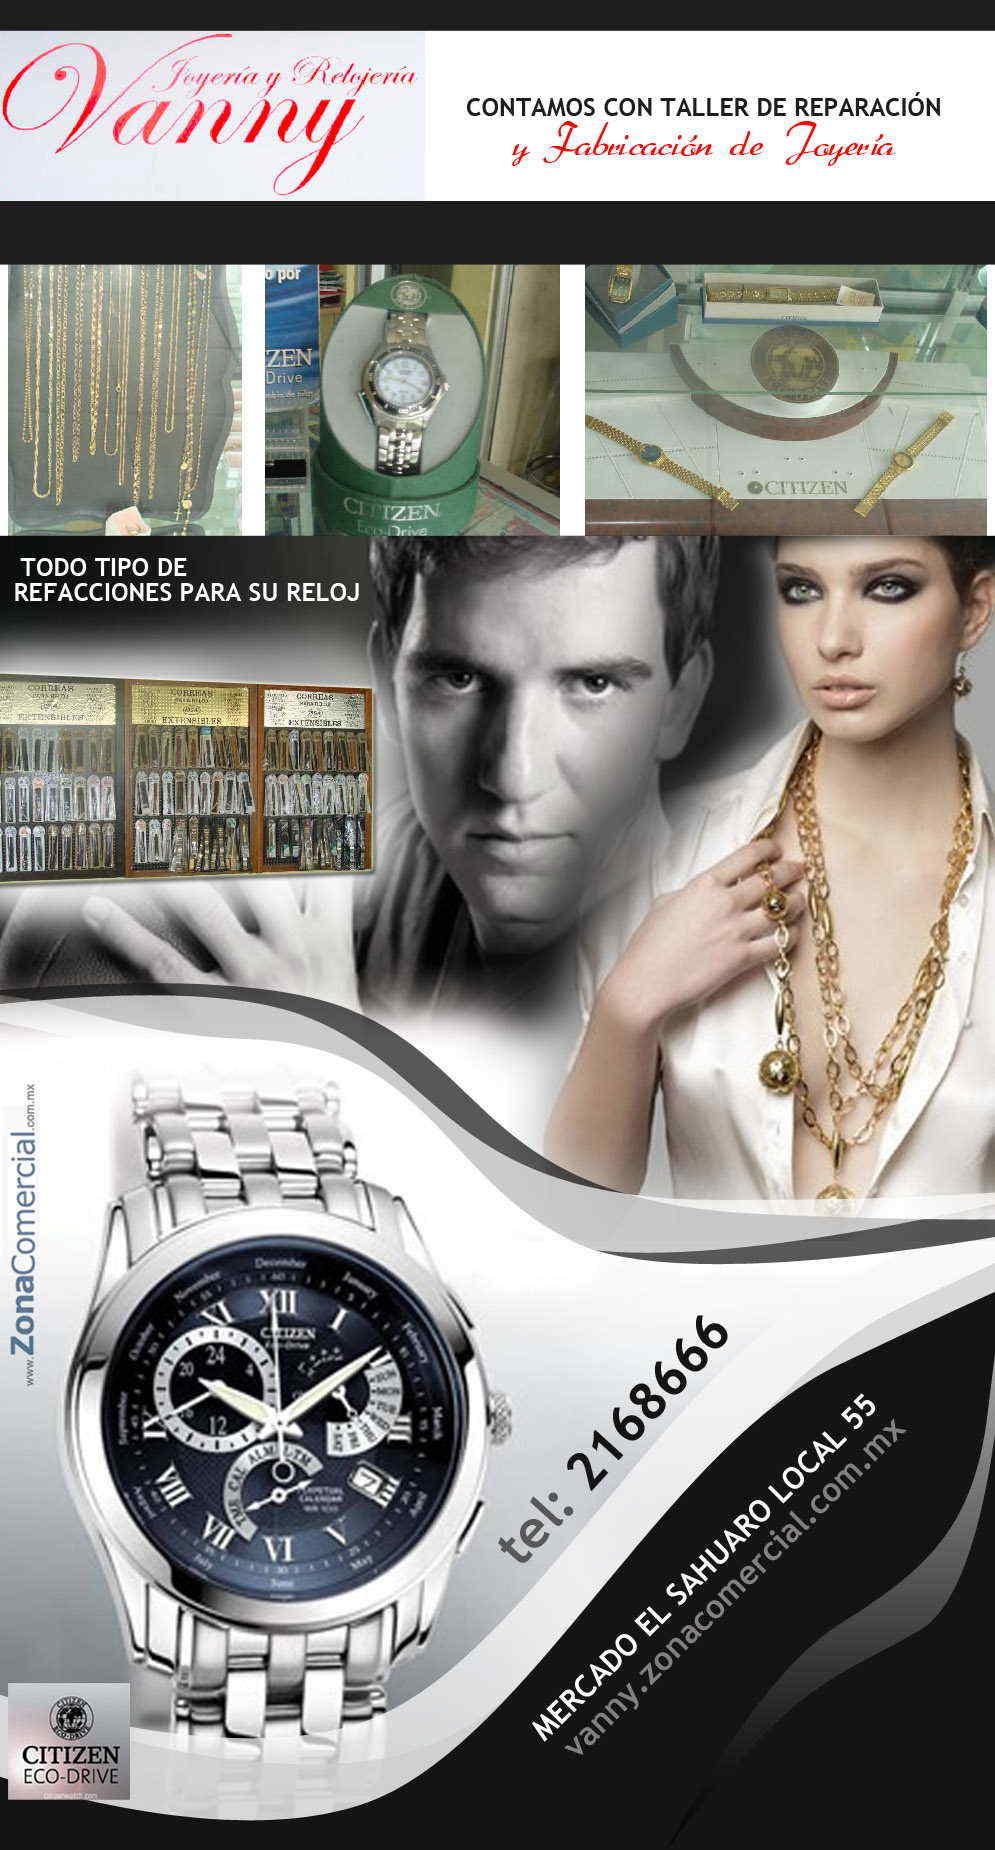 Joyeria y relojeria vanny en hermosillo anunciado por for Refaccionarias en hermosillo